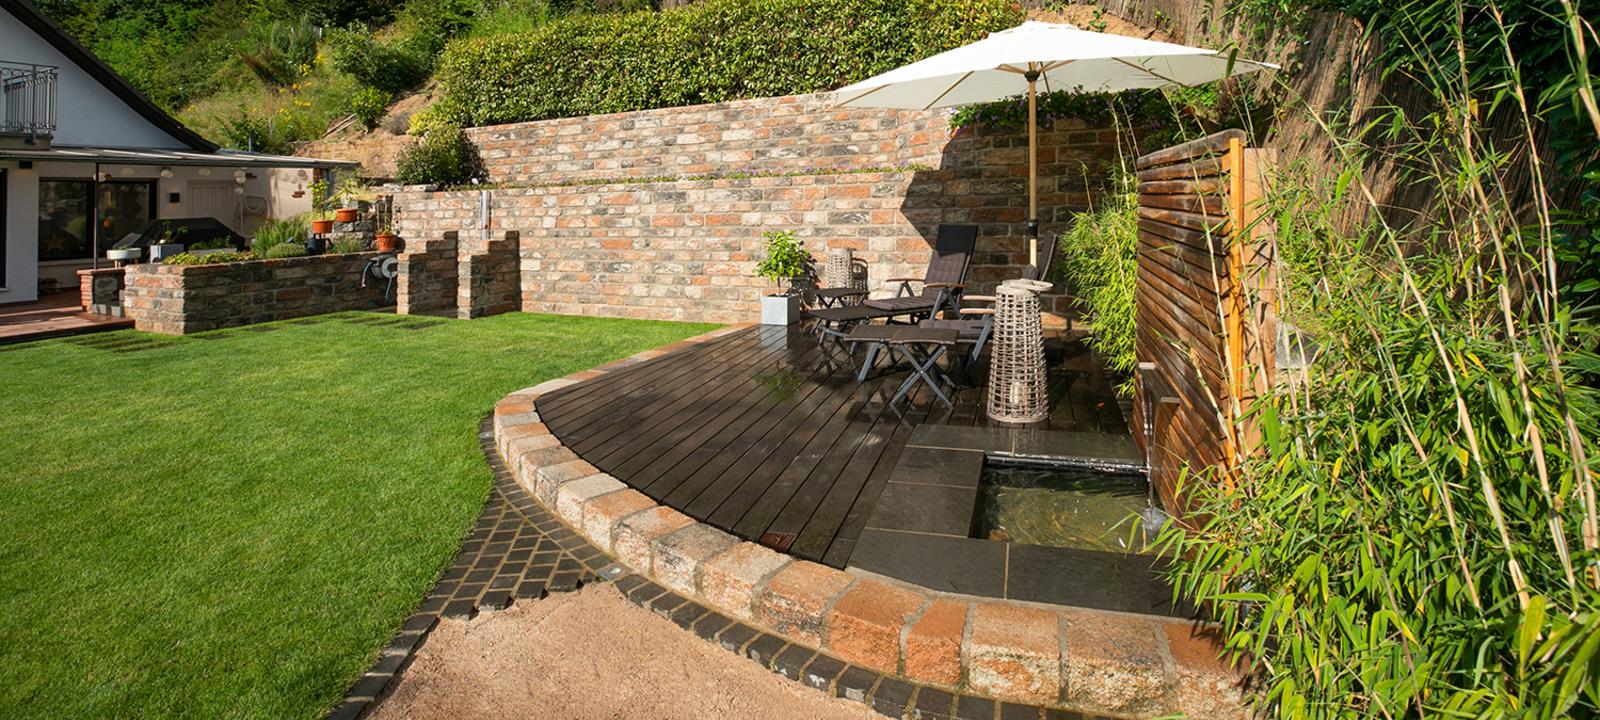 Terrasse im neuen Garten